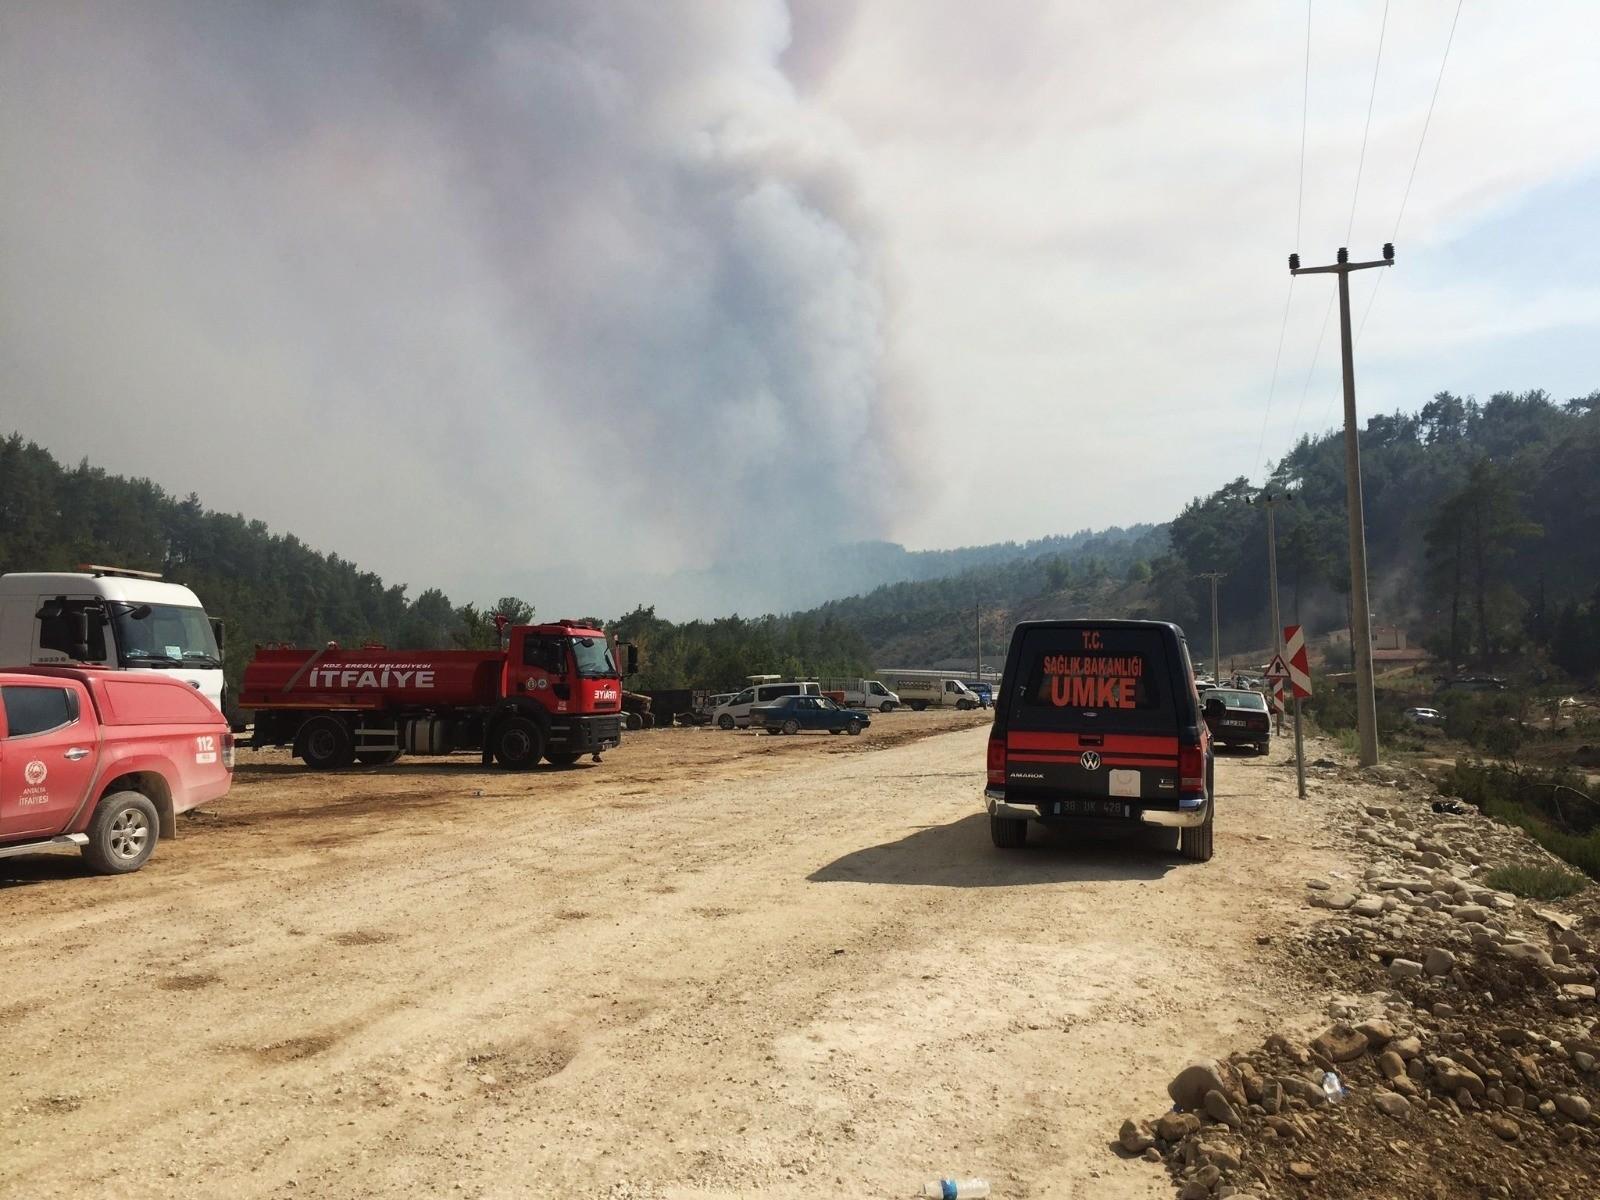 Kdz. Ereğli itfaiye ekibi, Manavgat'ta özveriyle çalışıyor